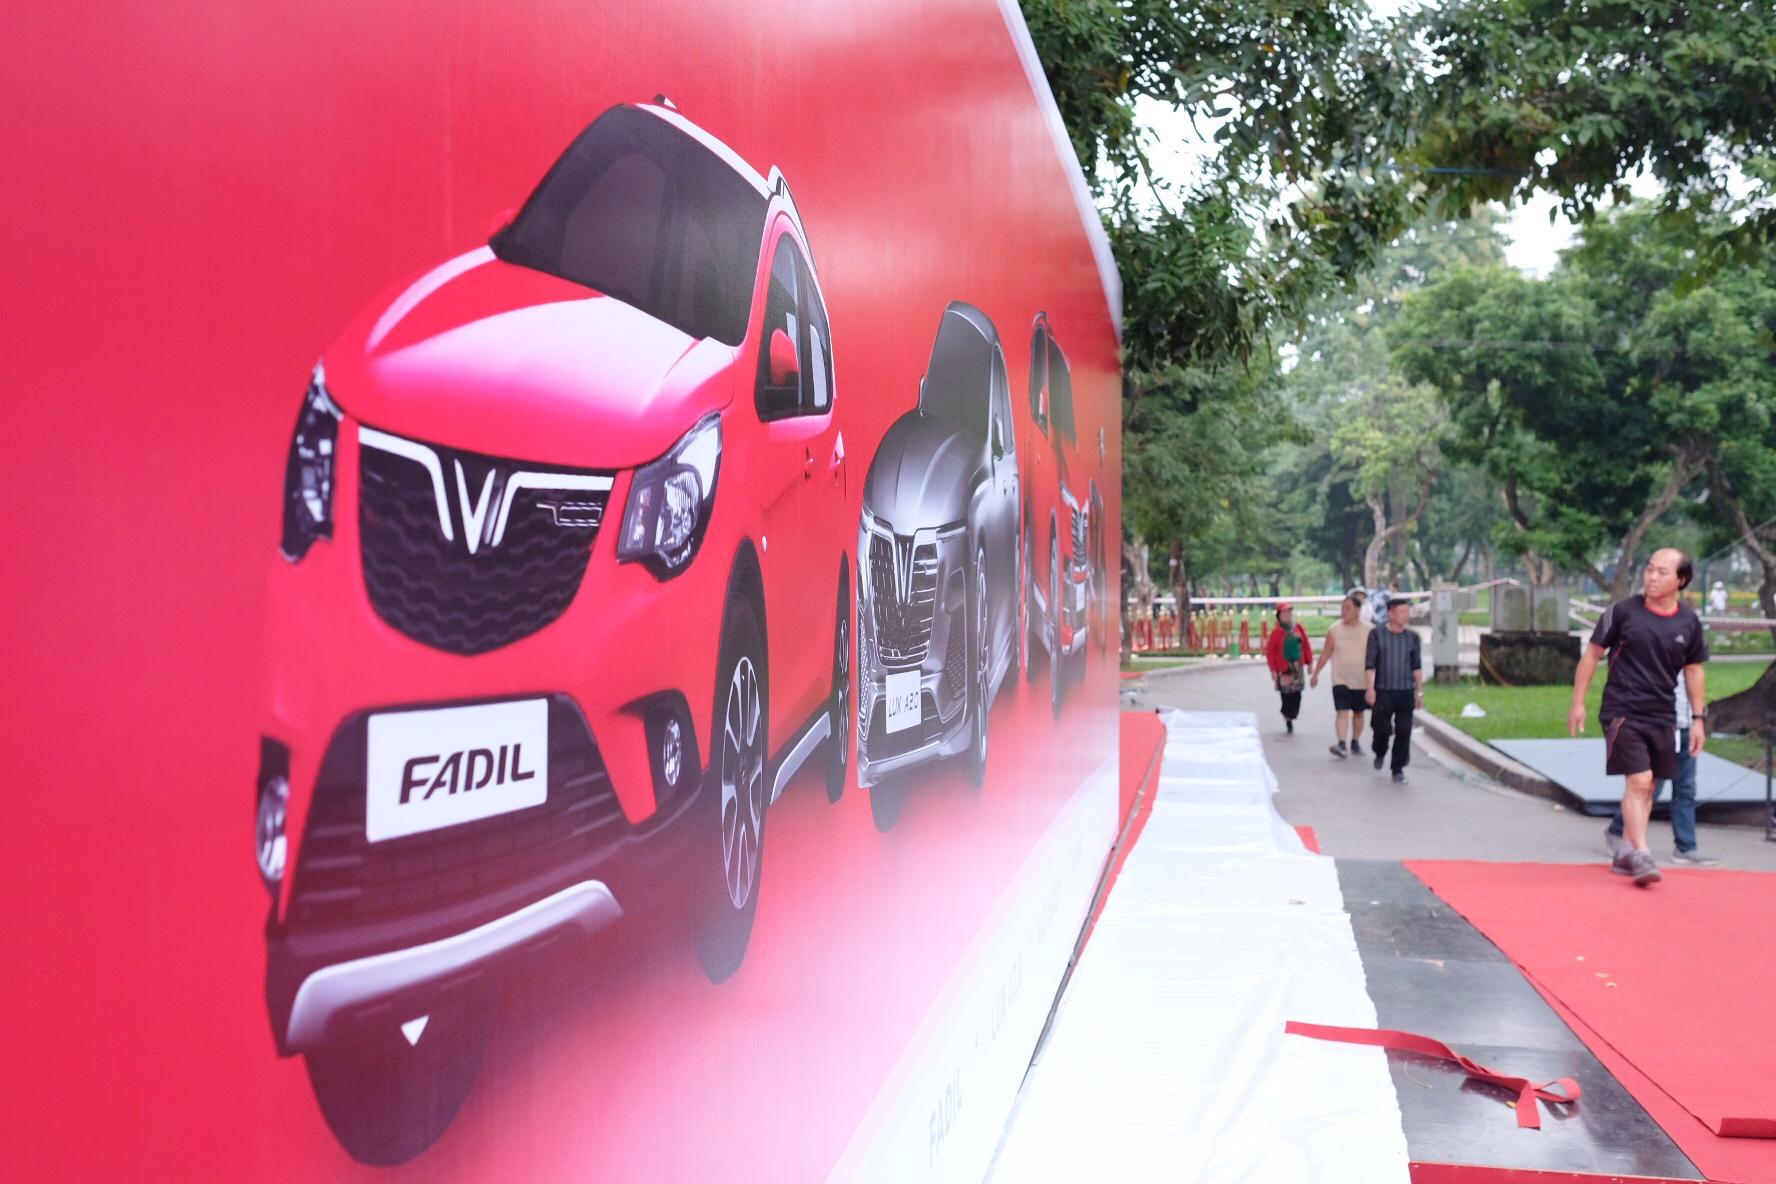 Những hình ảnh mới nhất của ô tô Vinfast chuẩn bị lễ ra mắt tại Hà Nội 13